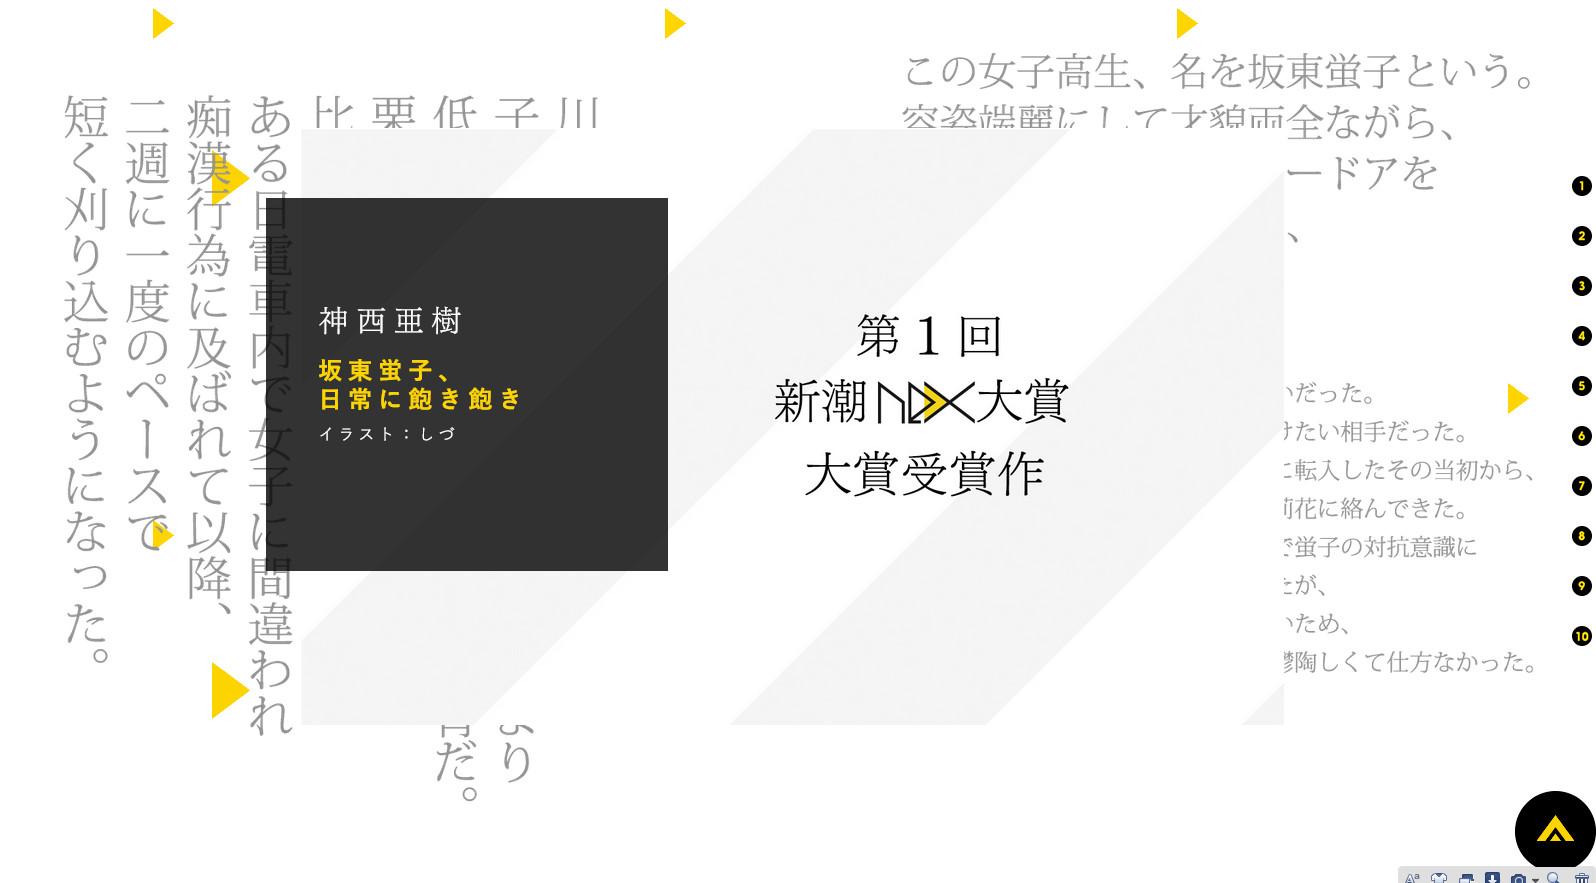 神西亜樹『坂東蛍子、日常に飽き飽き』